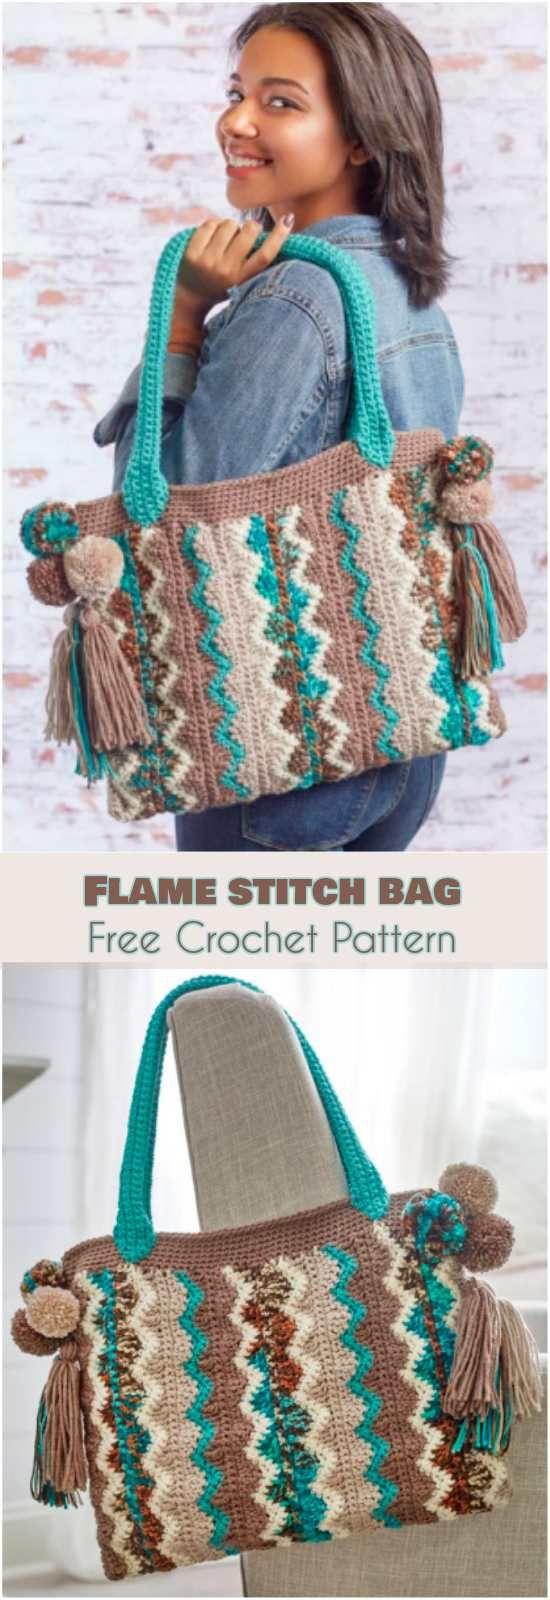 Flame Stitch Bag [Free Crochet Pattern] Tote bag, chevron motif, zig-zag pattern